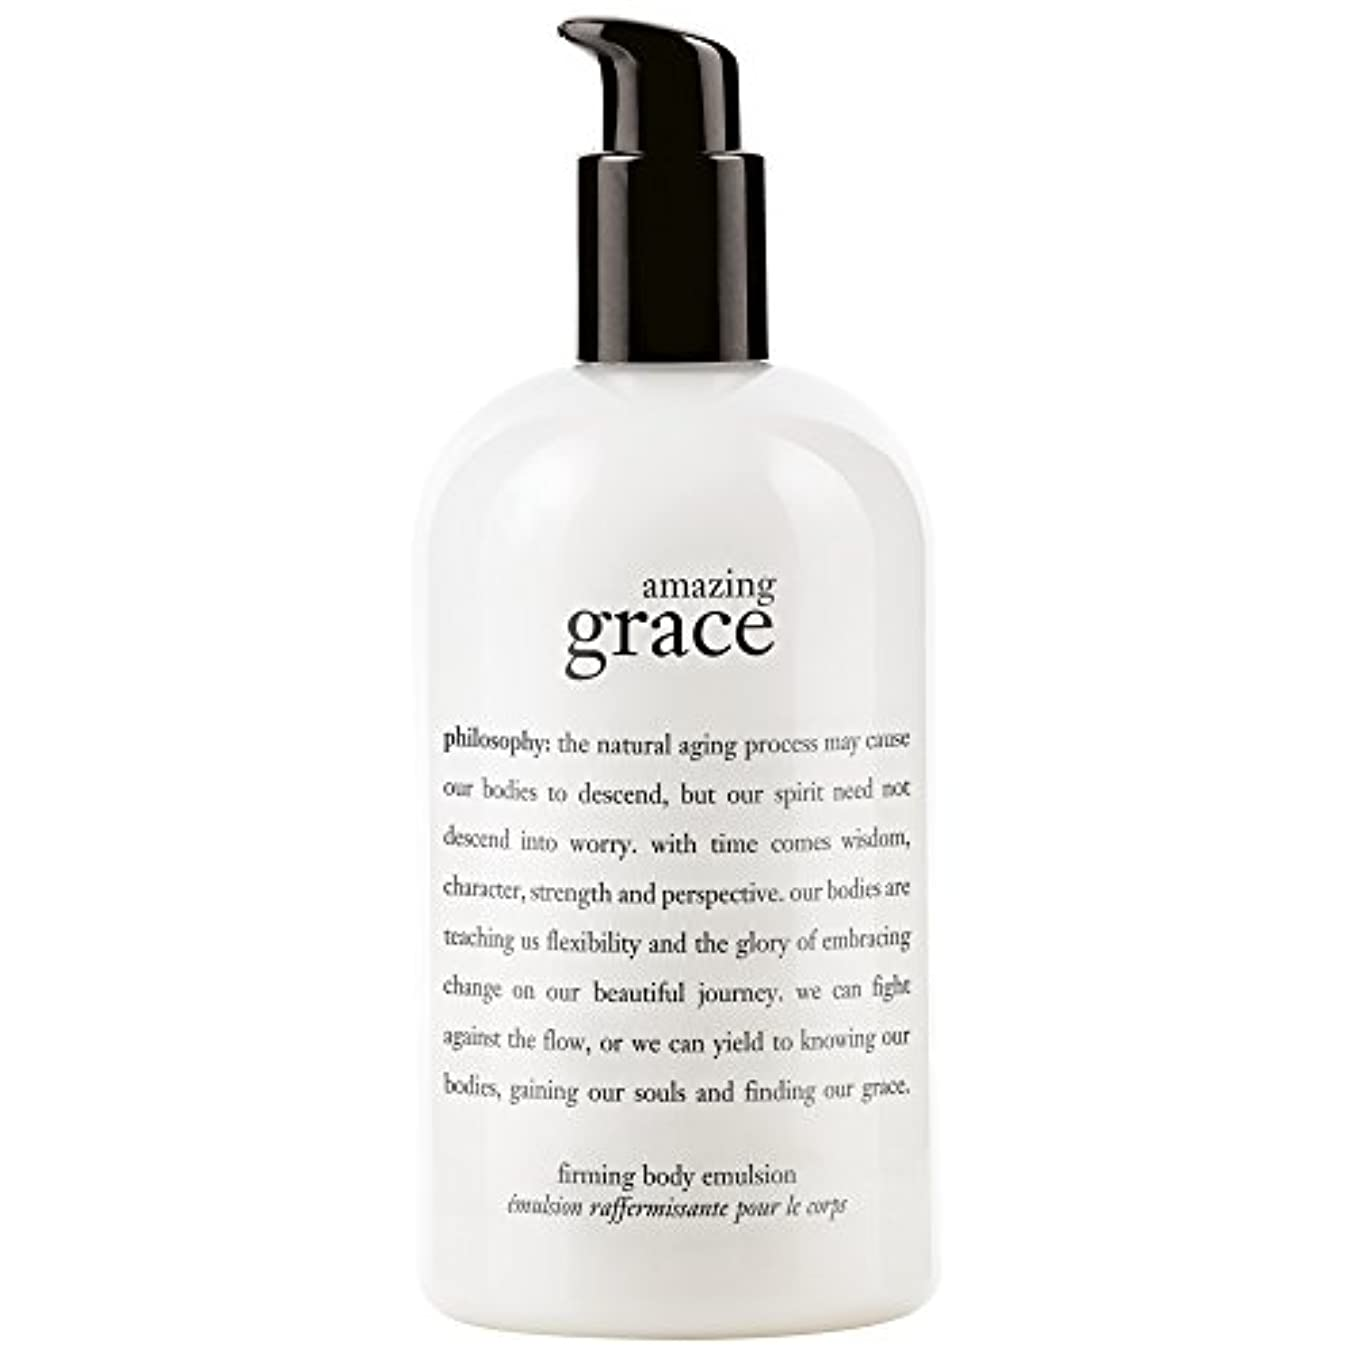 困惑アンソロジー襟哲学驚くべき恵み引き締めボディエマルジョン480ミリリットル (Philosophy) (x2) - Philosophy Amazing Grace Firming Body Emulsion 480ml (Pack...